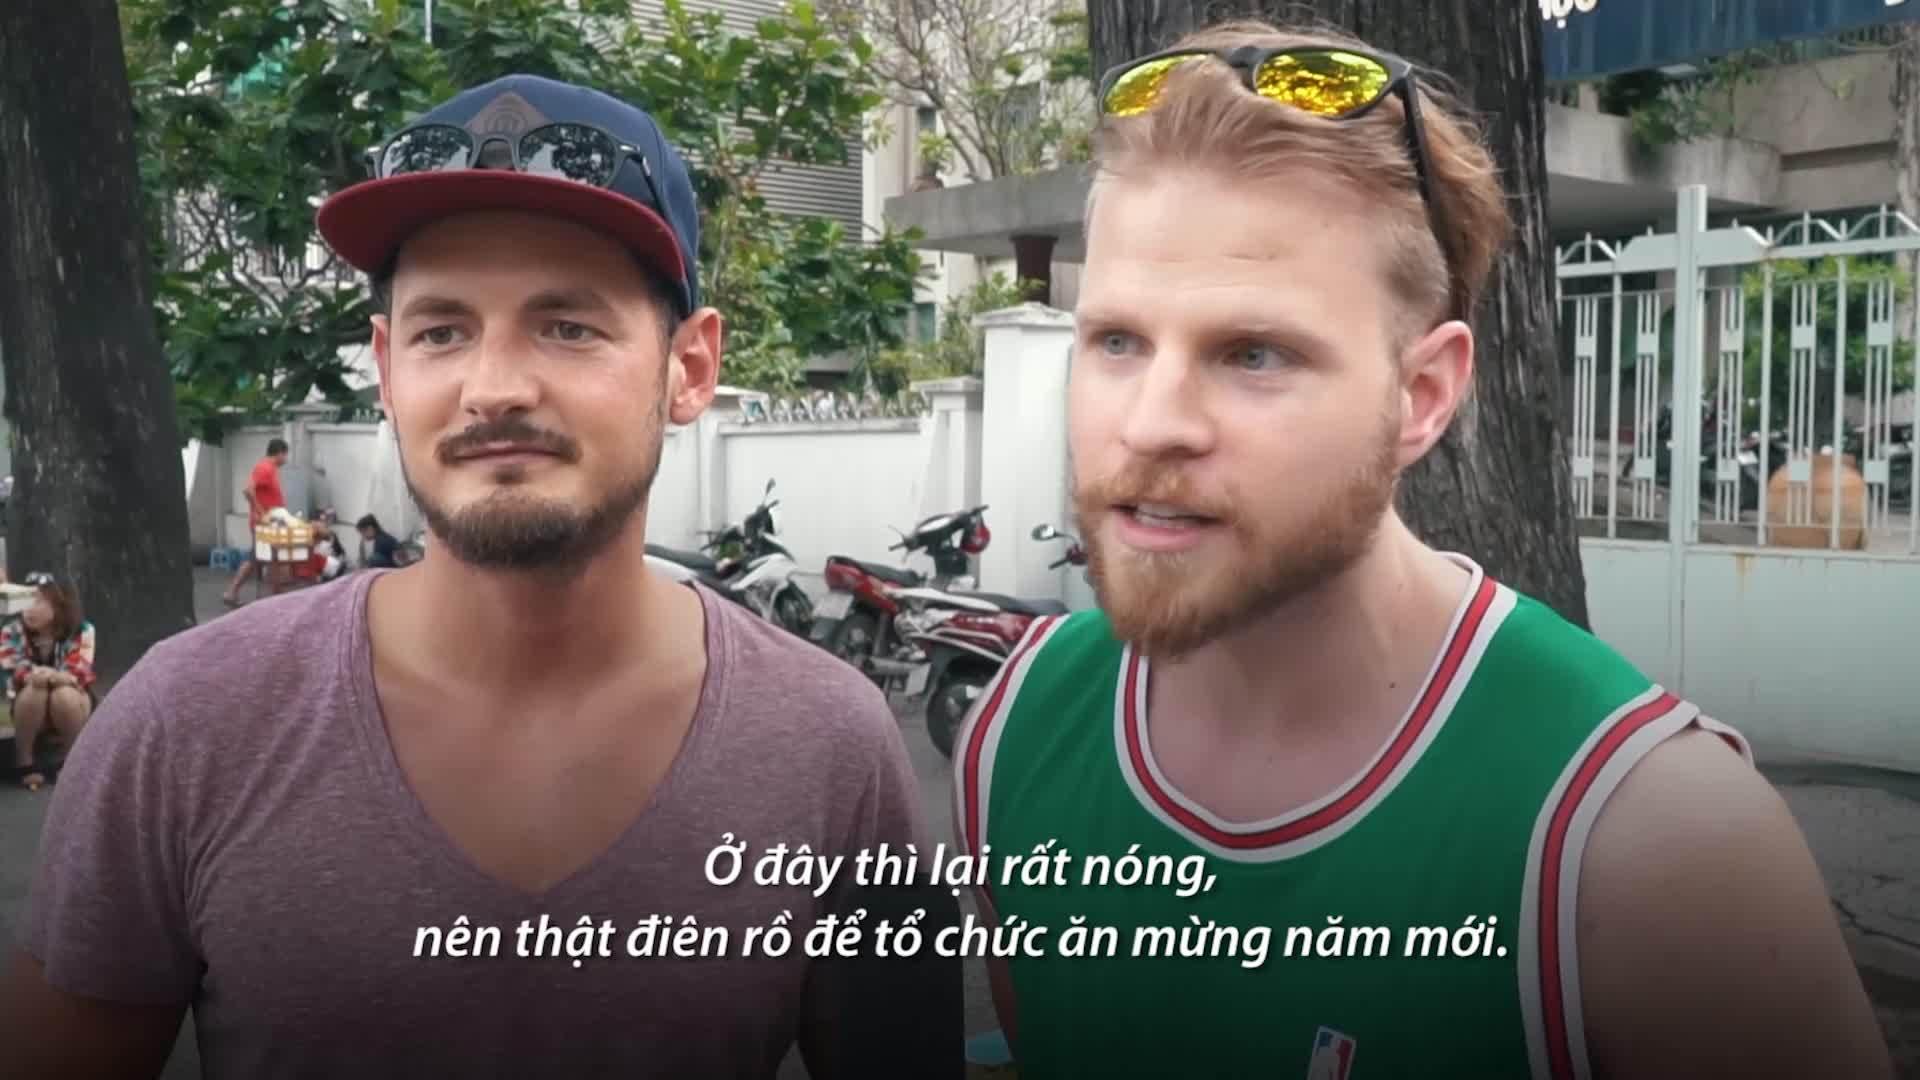 Khách Tây kể sự khác biệt khi đón năm mới ở Việt Nam